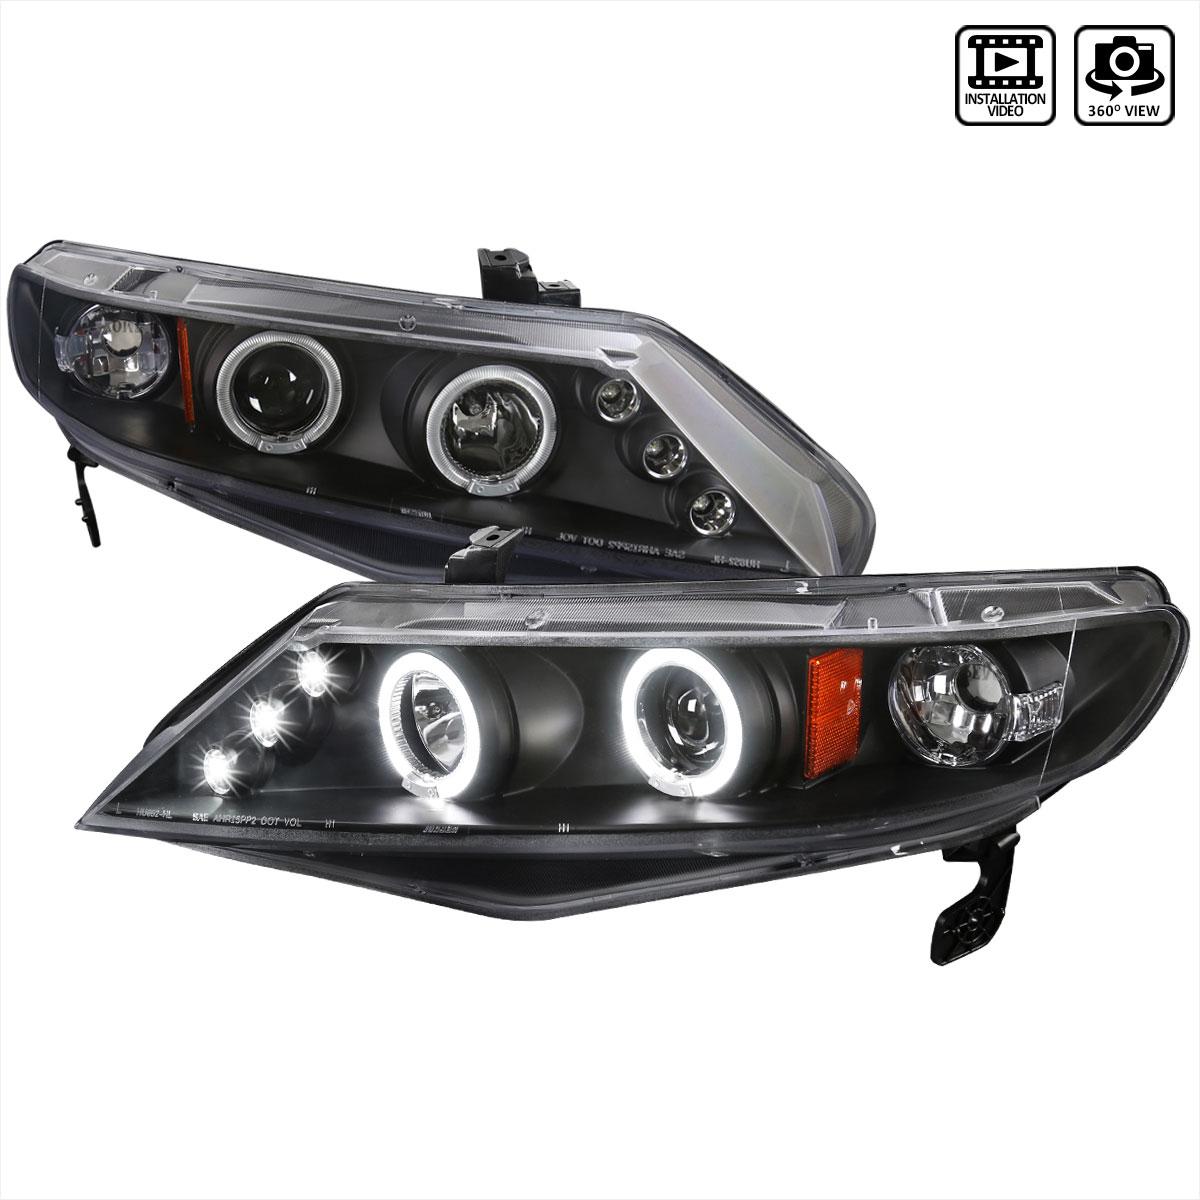 Spec-D Tuning 2LHP-CV064JM-TM - Spec-D 06-up Honda Civic 4d Ppojector Headlights